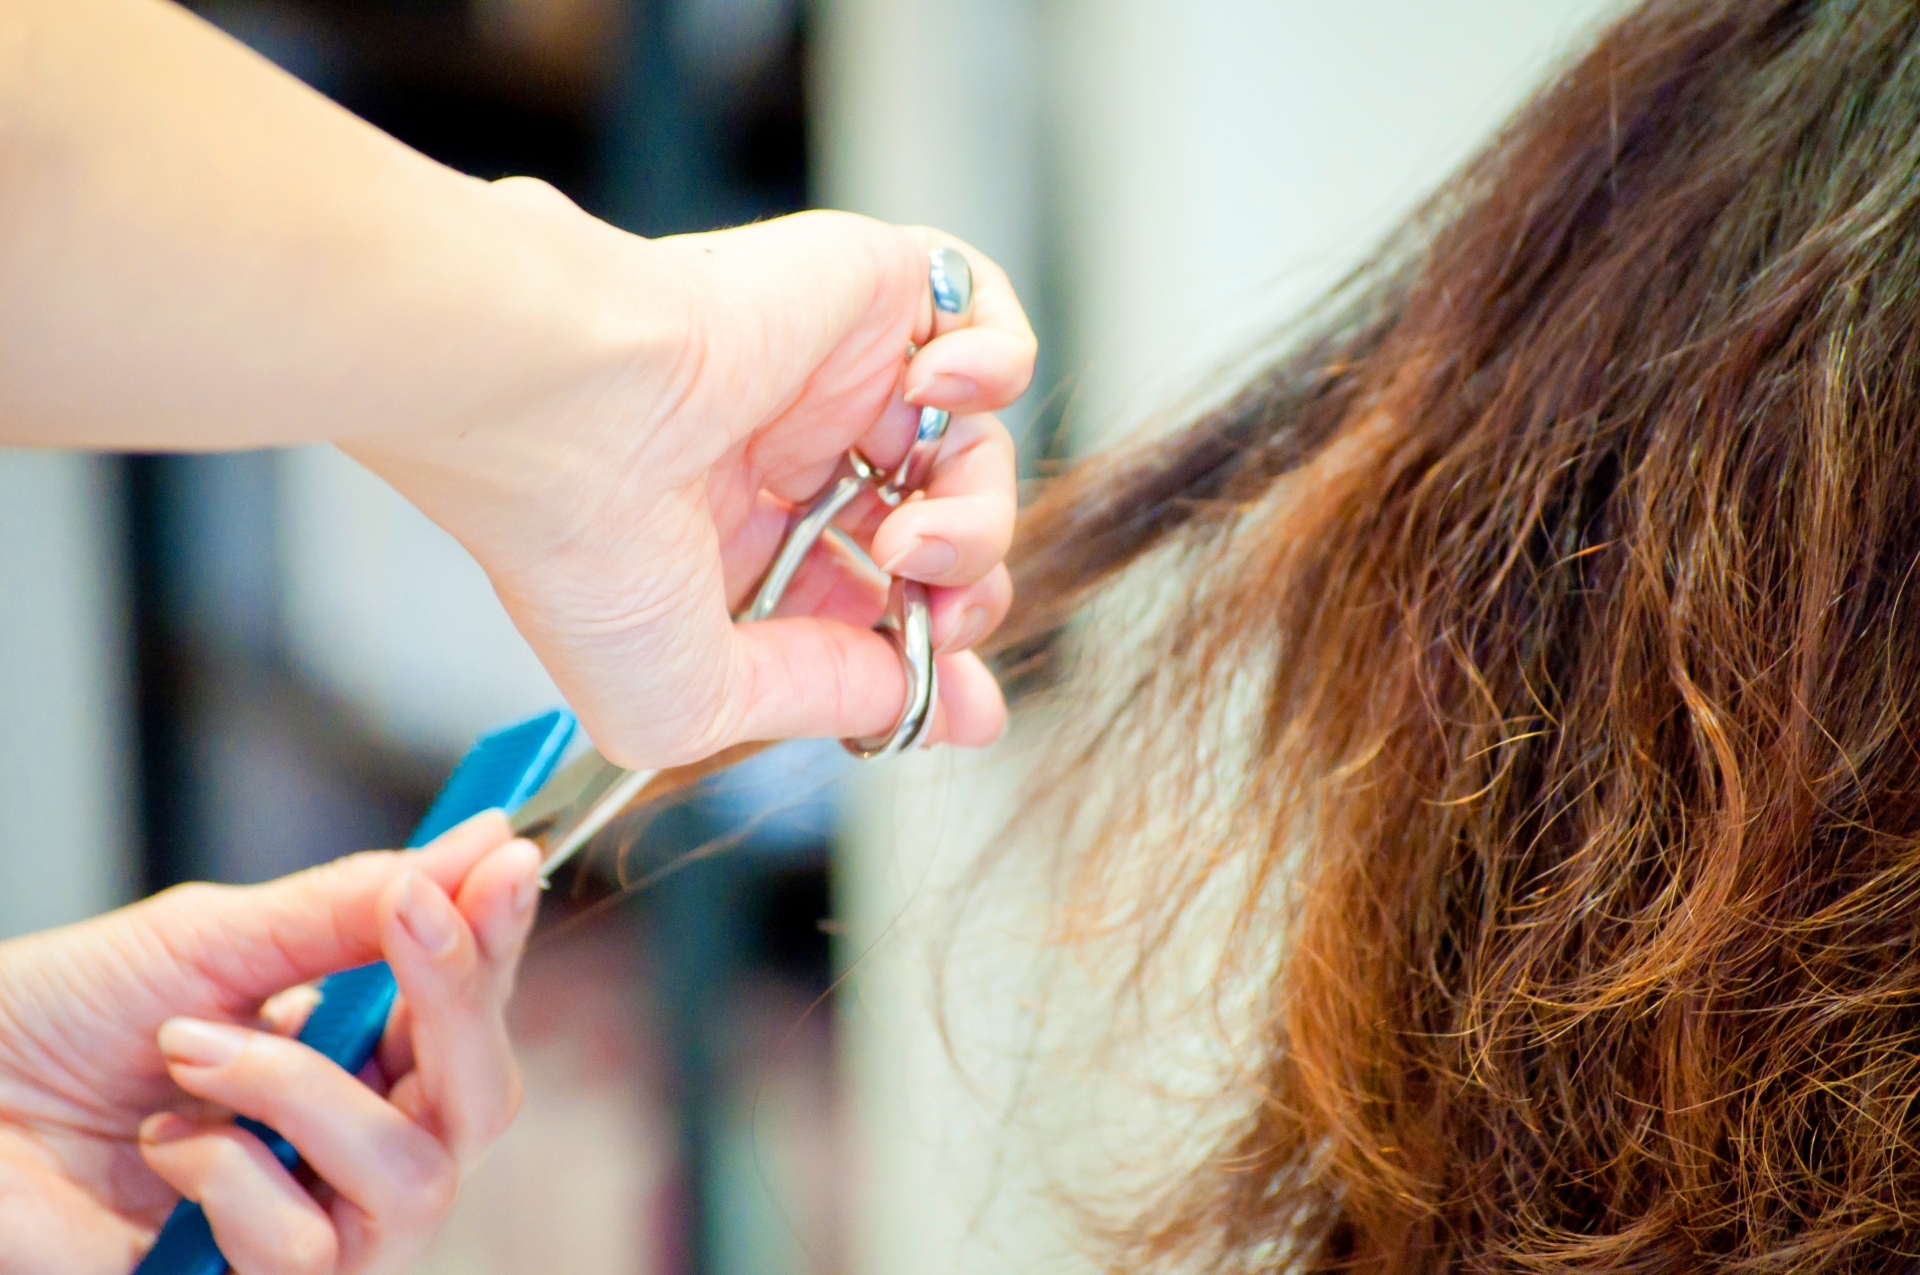 髪型でイメチェンを成功させるコツは?注意点やおしゃれに変化する方法も紹介!